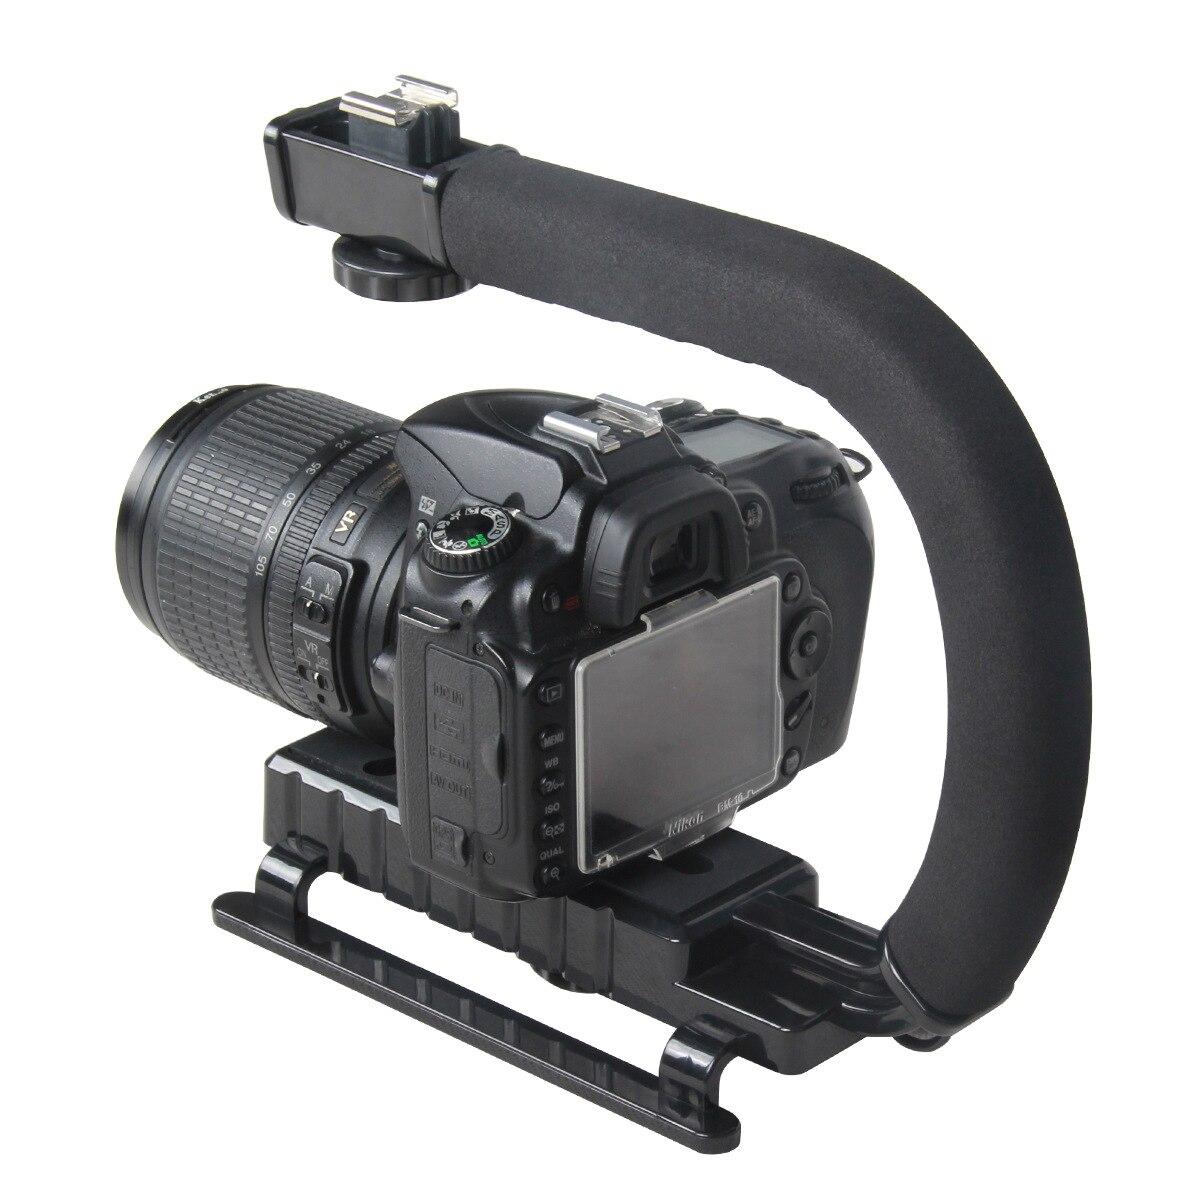 Gerade C Förmigen Halter Grip Video Handheld Gimbal Stabilisator Für Dslr Nikon Canon Sony Kamera Und Licht Tragbare Steadicam Für Gopro Gut Verkaufen Auf Der Ganzen Welt